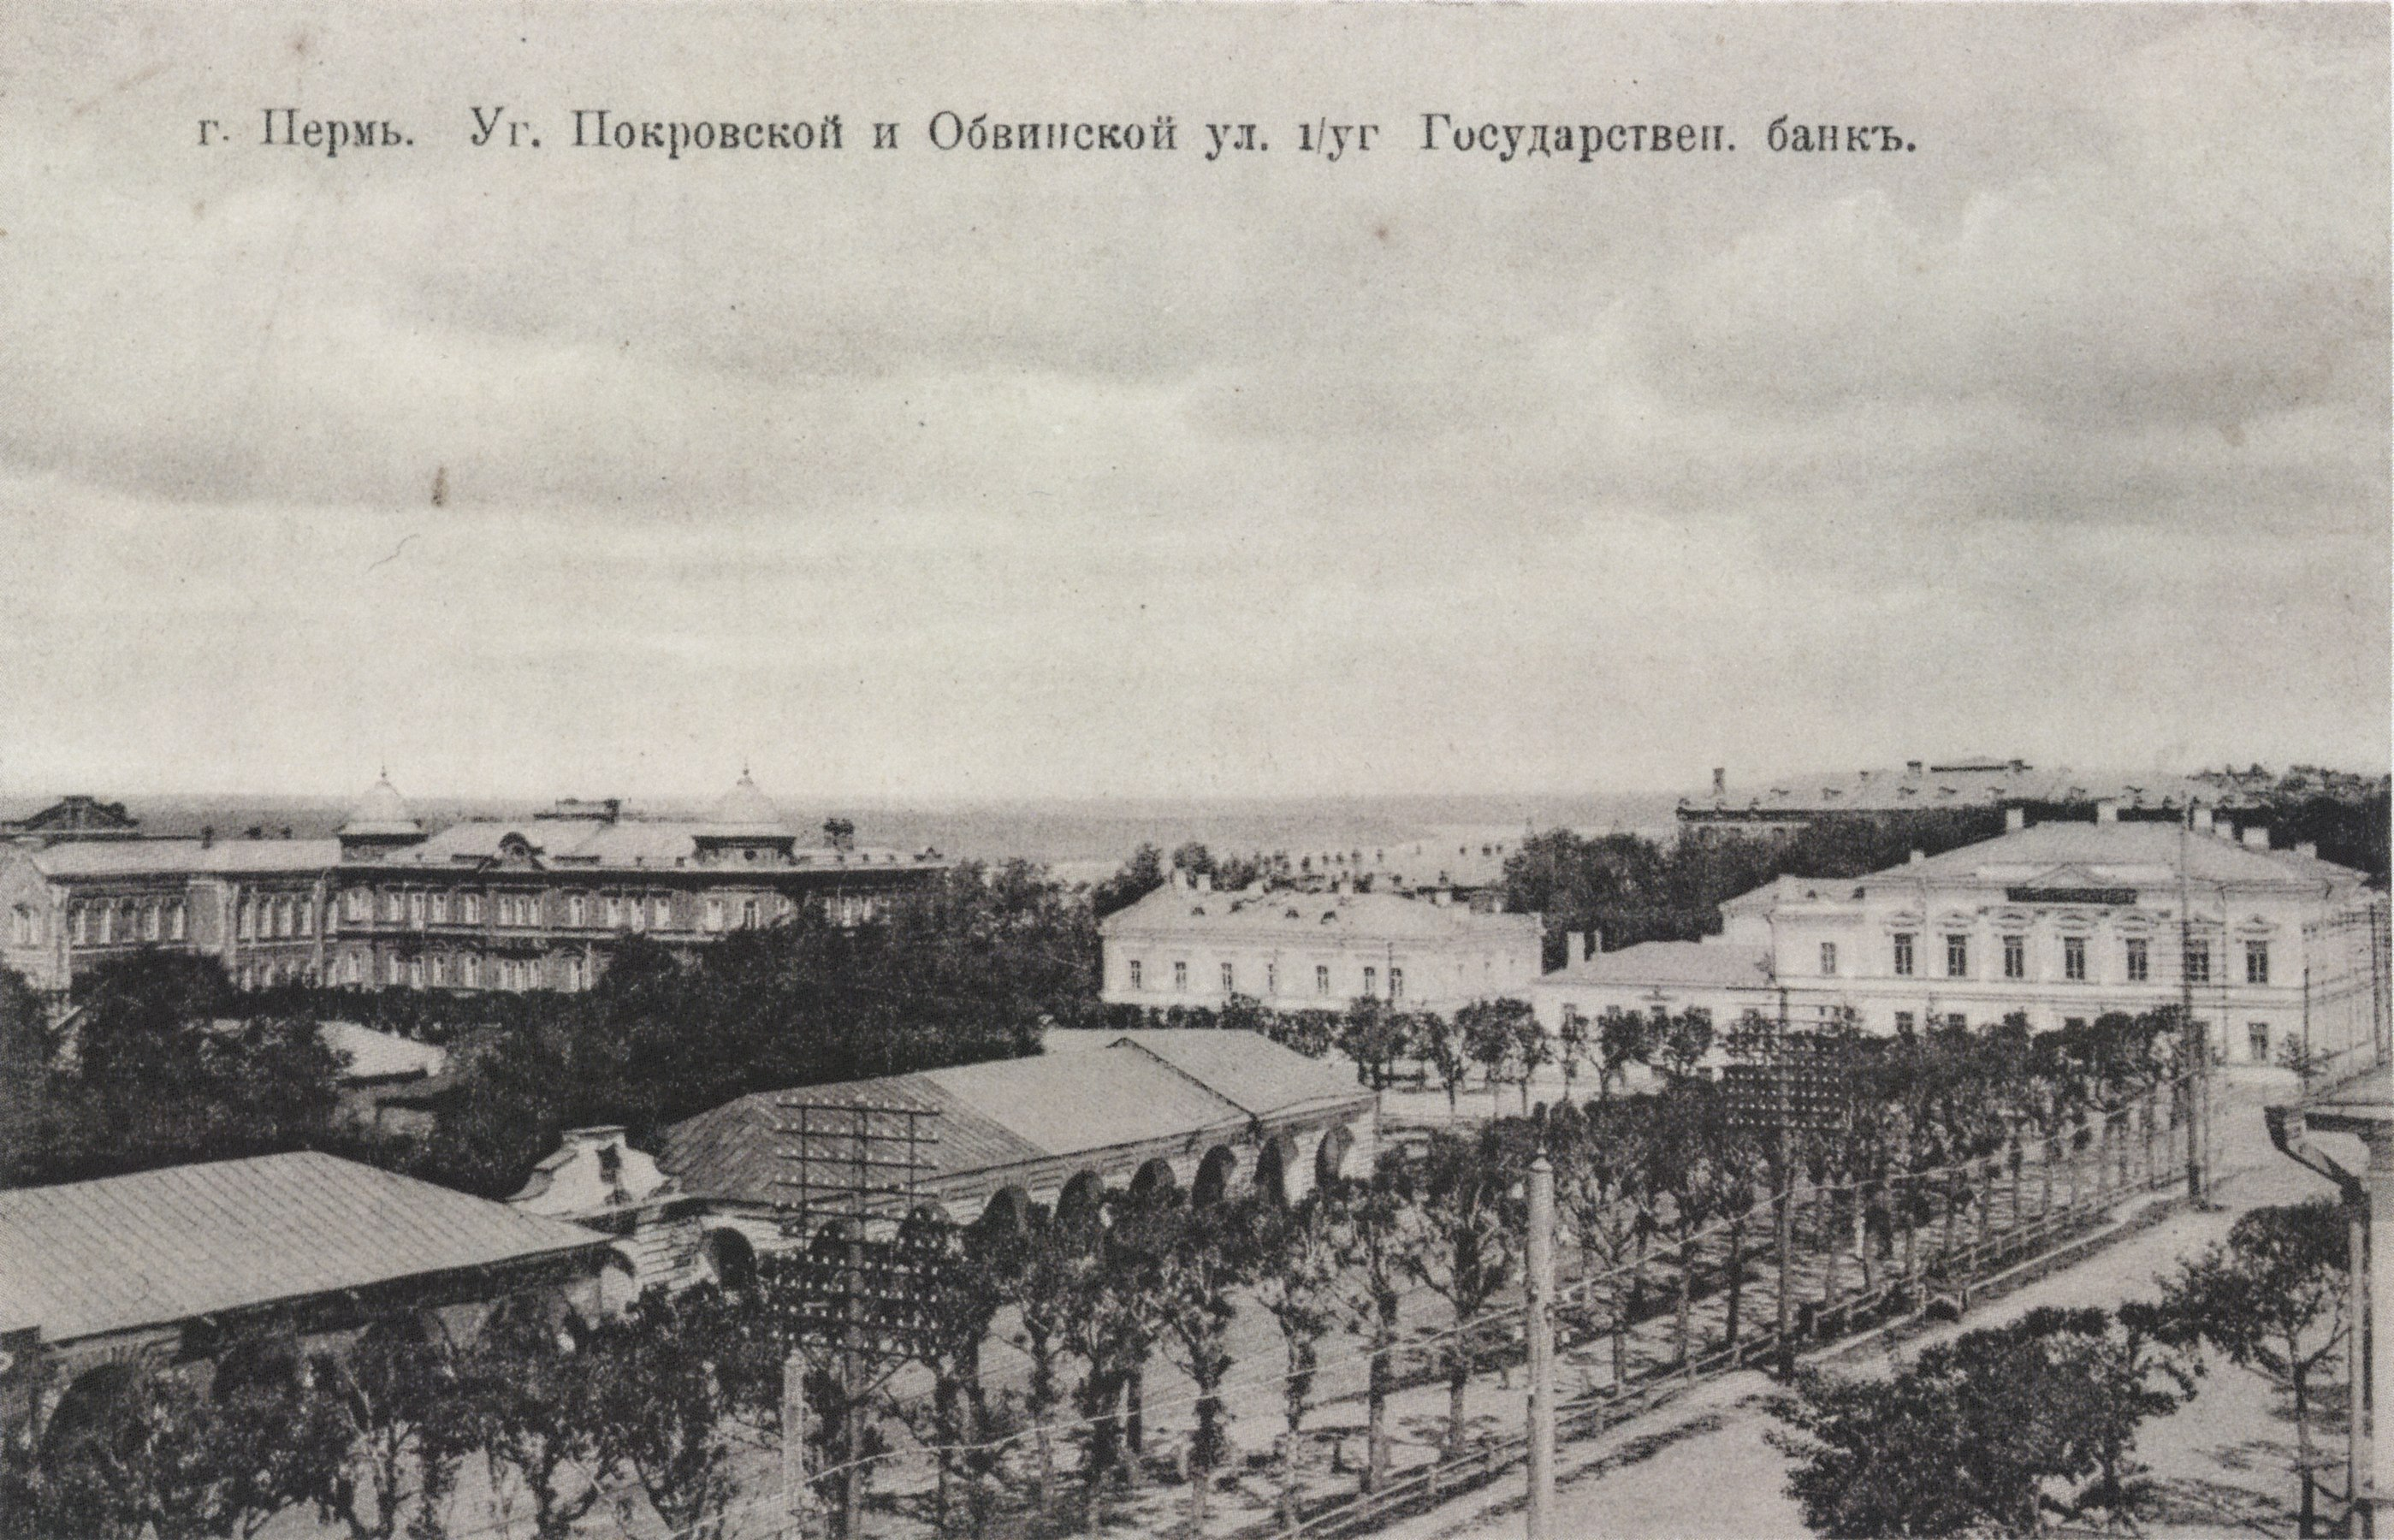 Вид на гостиный двор и Государственный банк